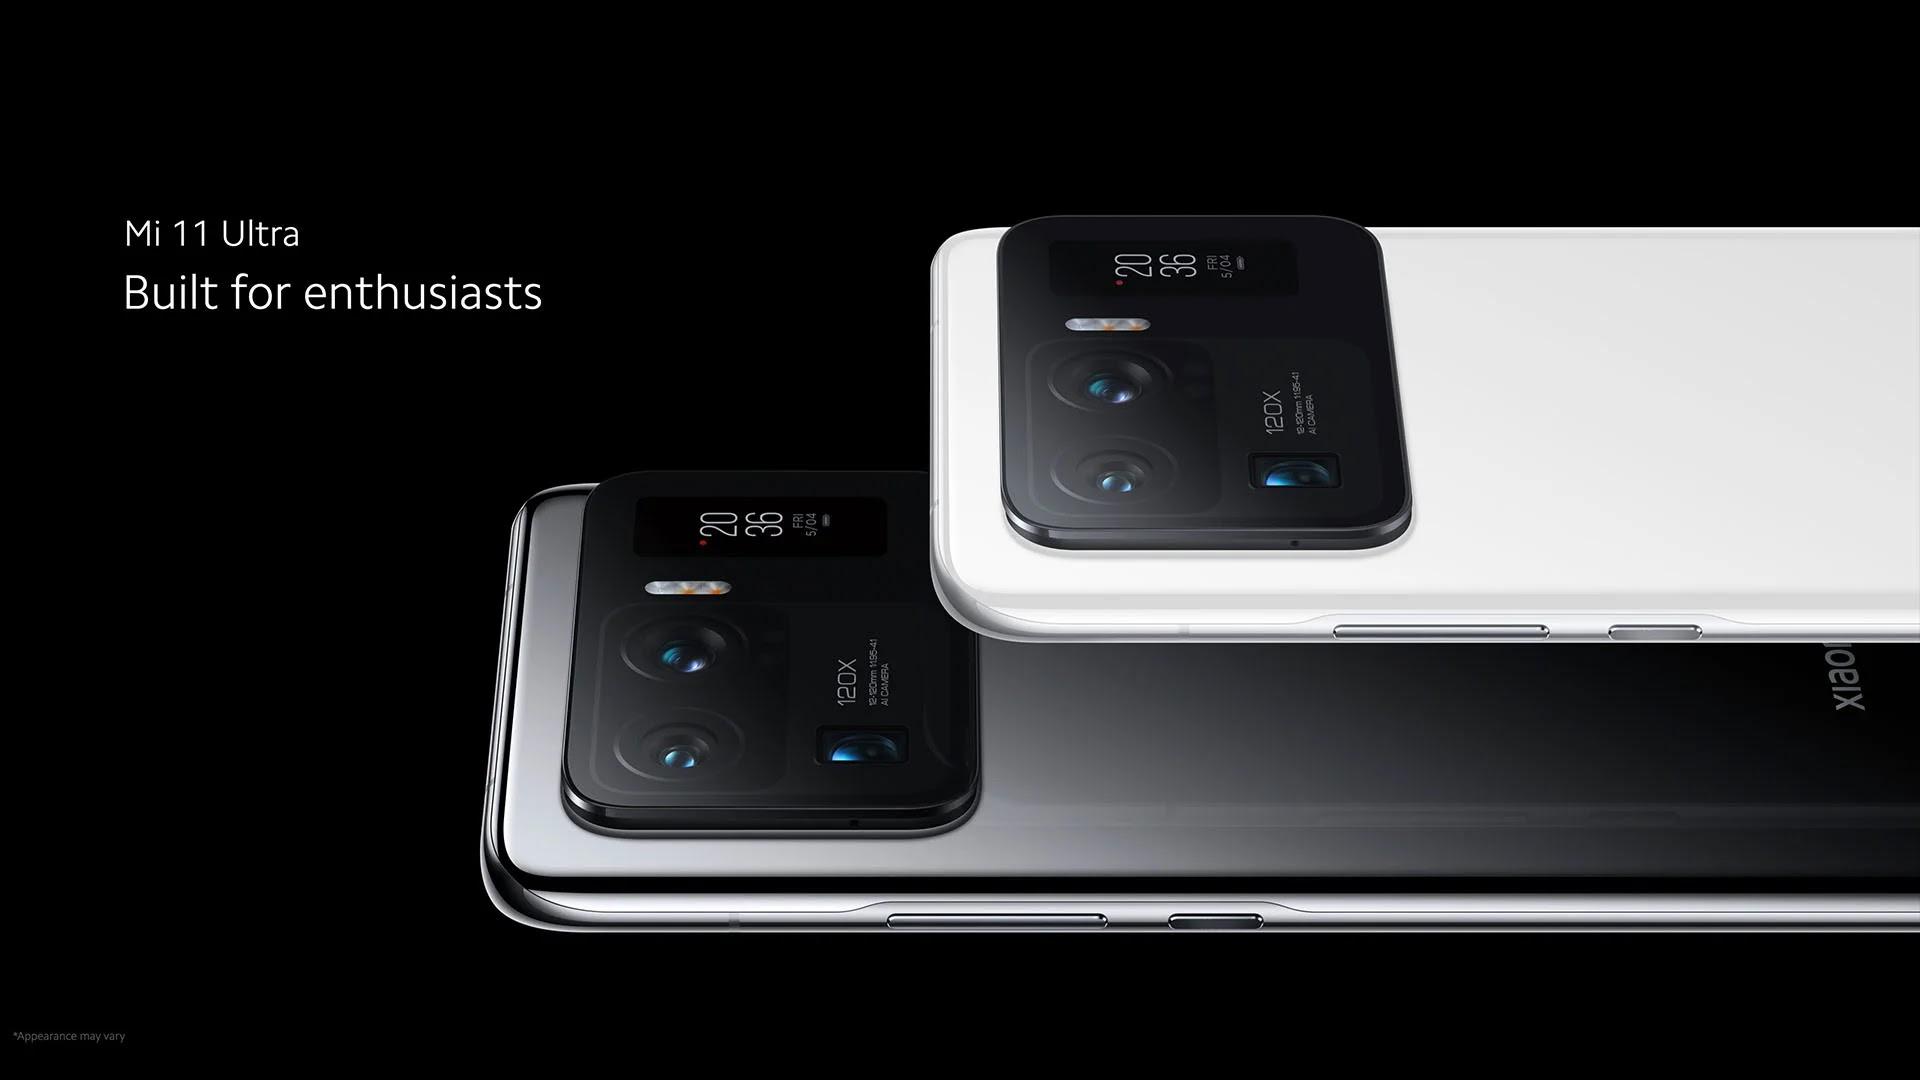 أفضل هواتف الفلاج شيب لسنة 2021